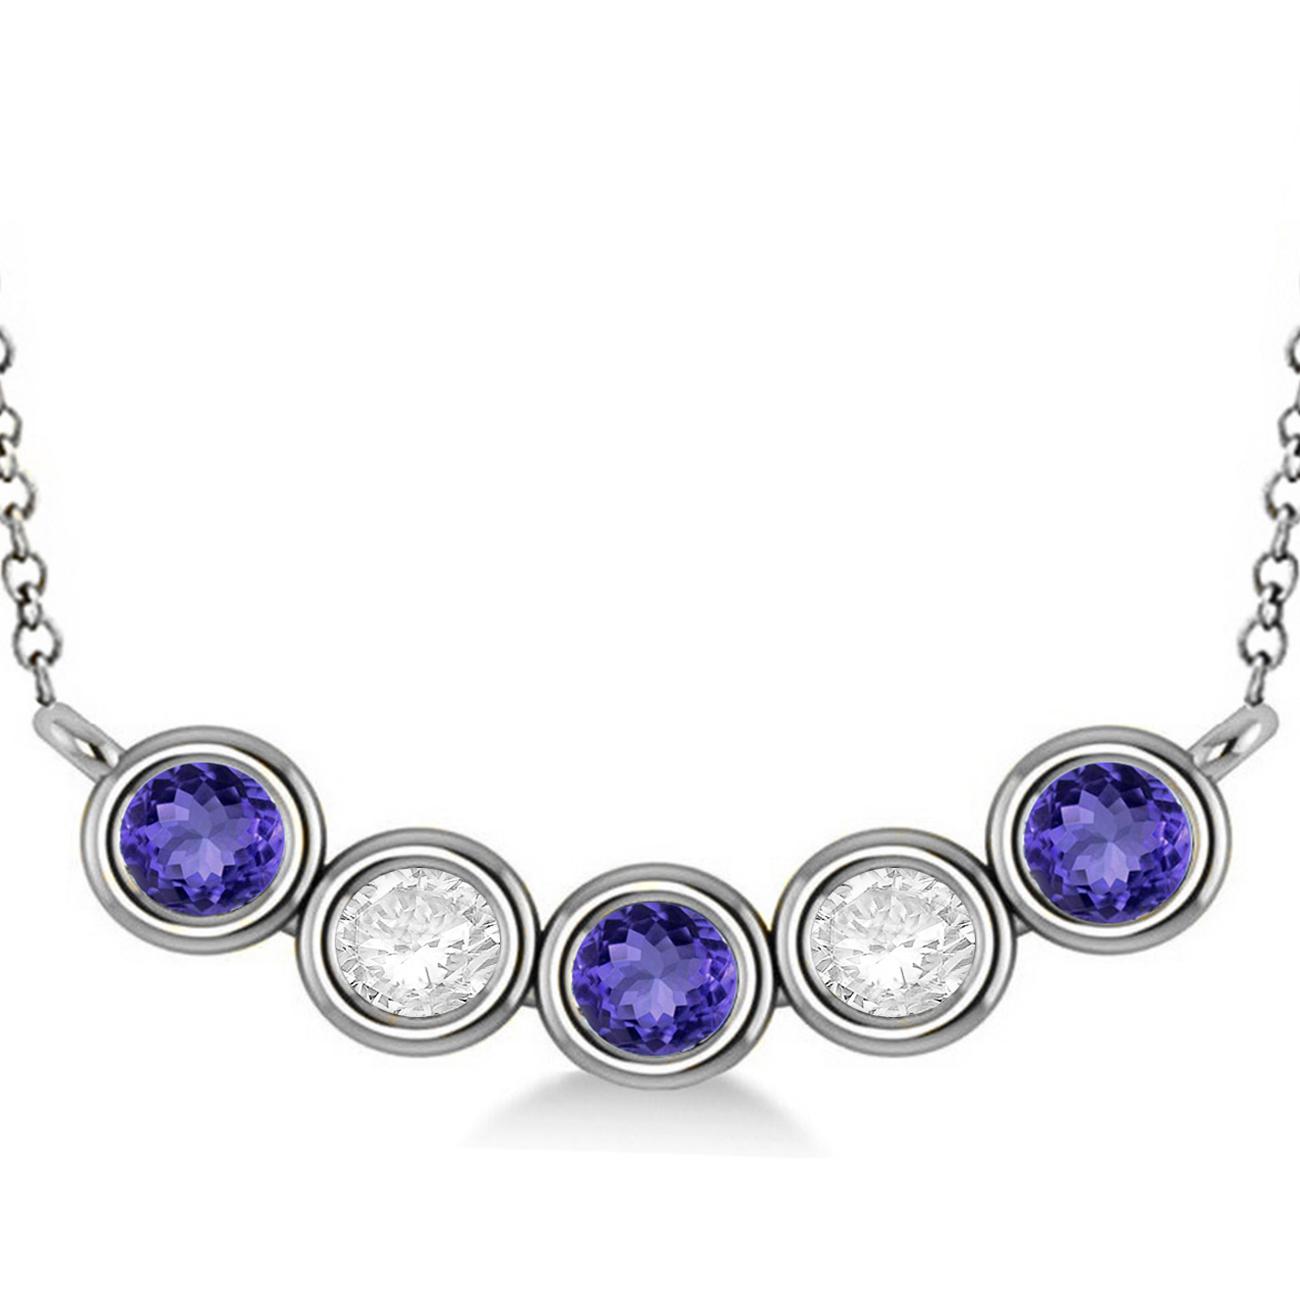 800df08ec68415 Diamond & Tanzanite 5-Stone Pendant Necklace 14k White Gold 2ct - AD3753